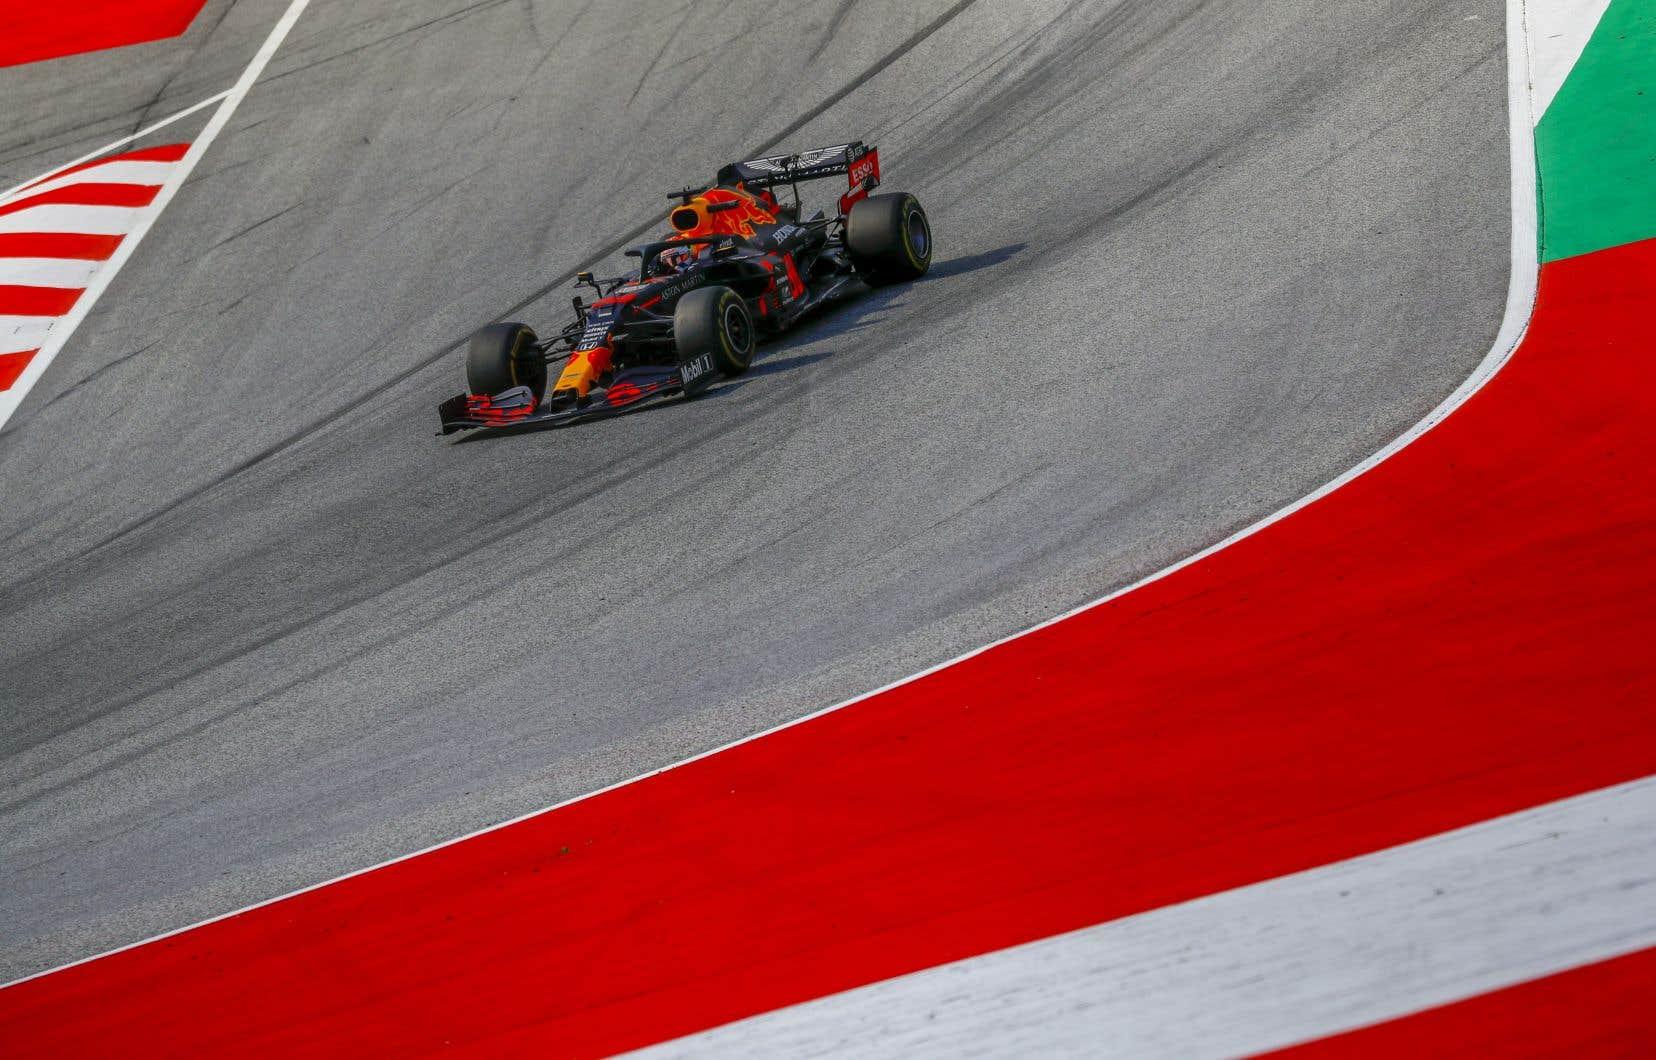 En piste, à Spielberg, le pilote Red Bull Max Verstappen a devancé la Mercedes du Finlandais Valtteri Bottas et les deux Racing Point.